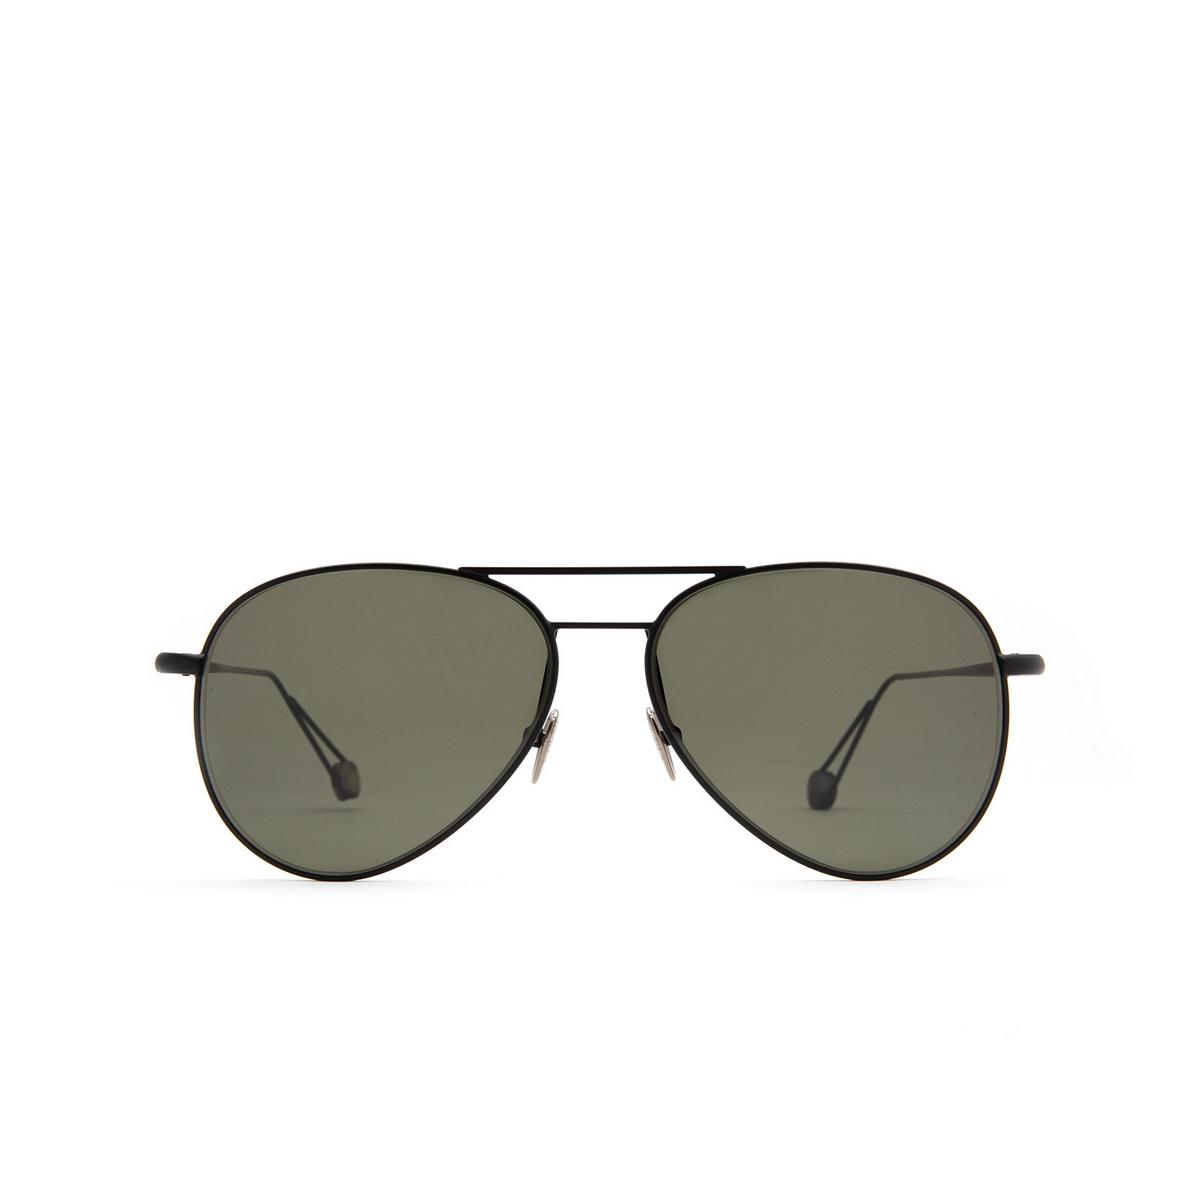 Ahlem® Sunglasses: Pantheon color Black.